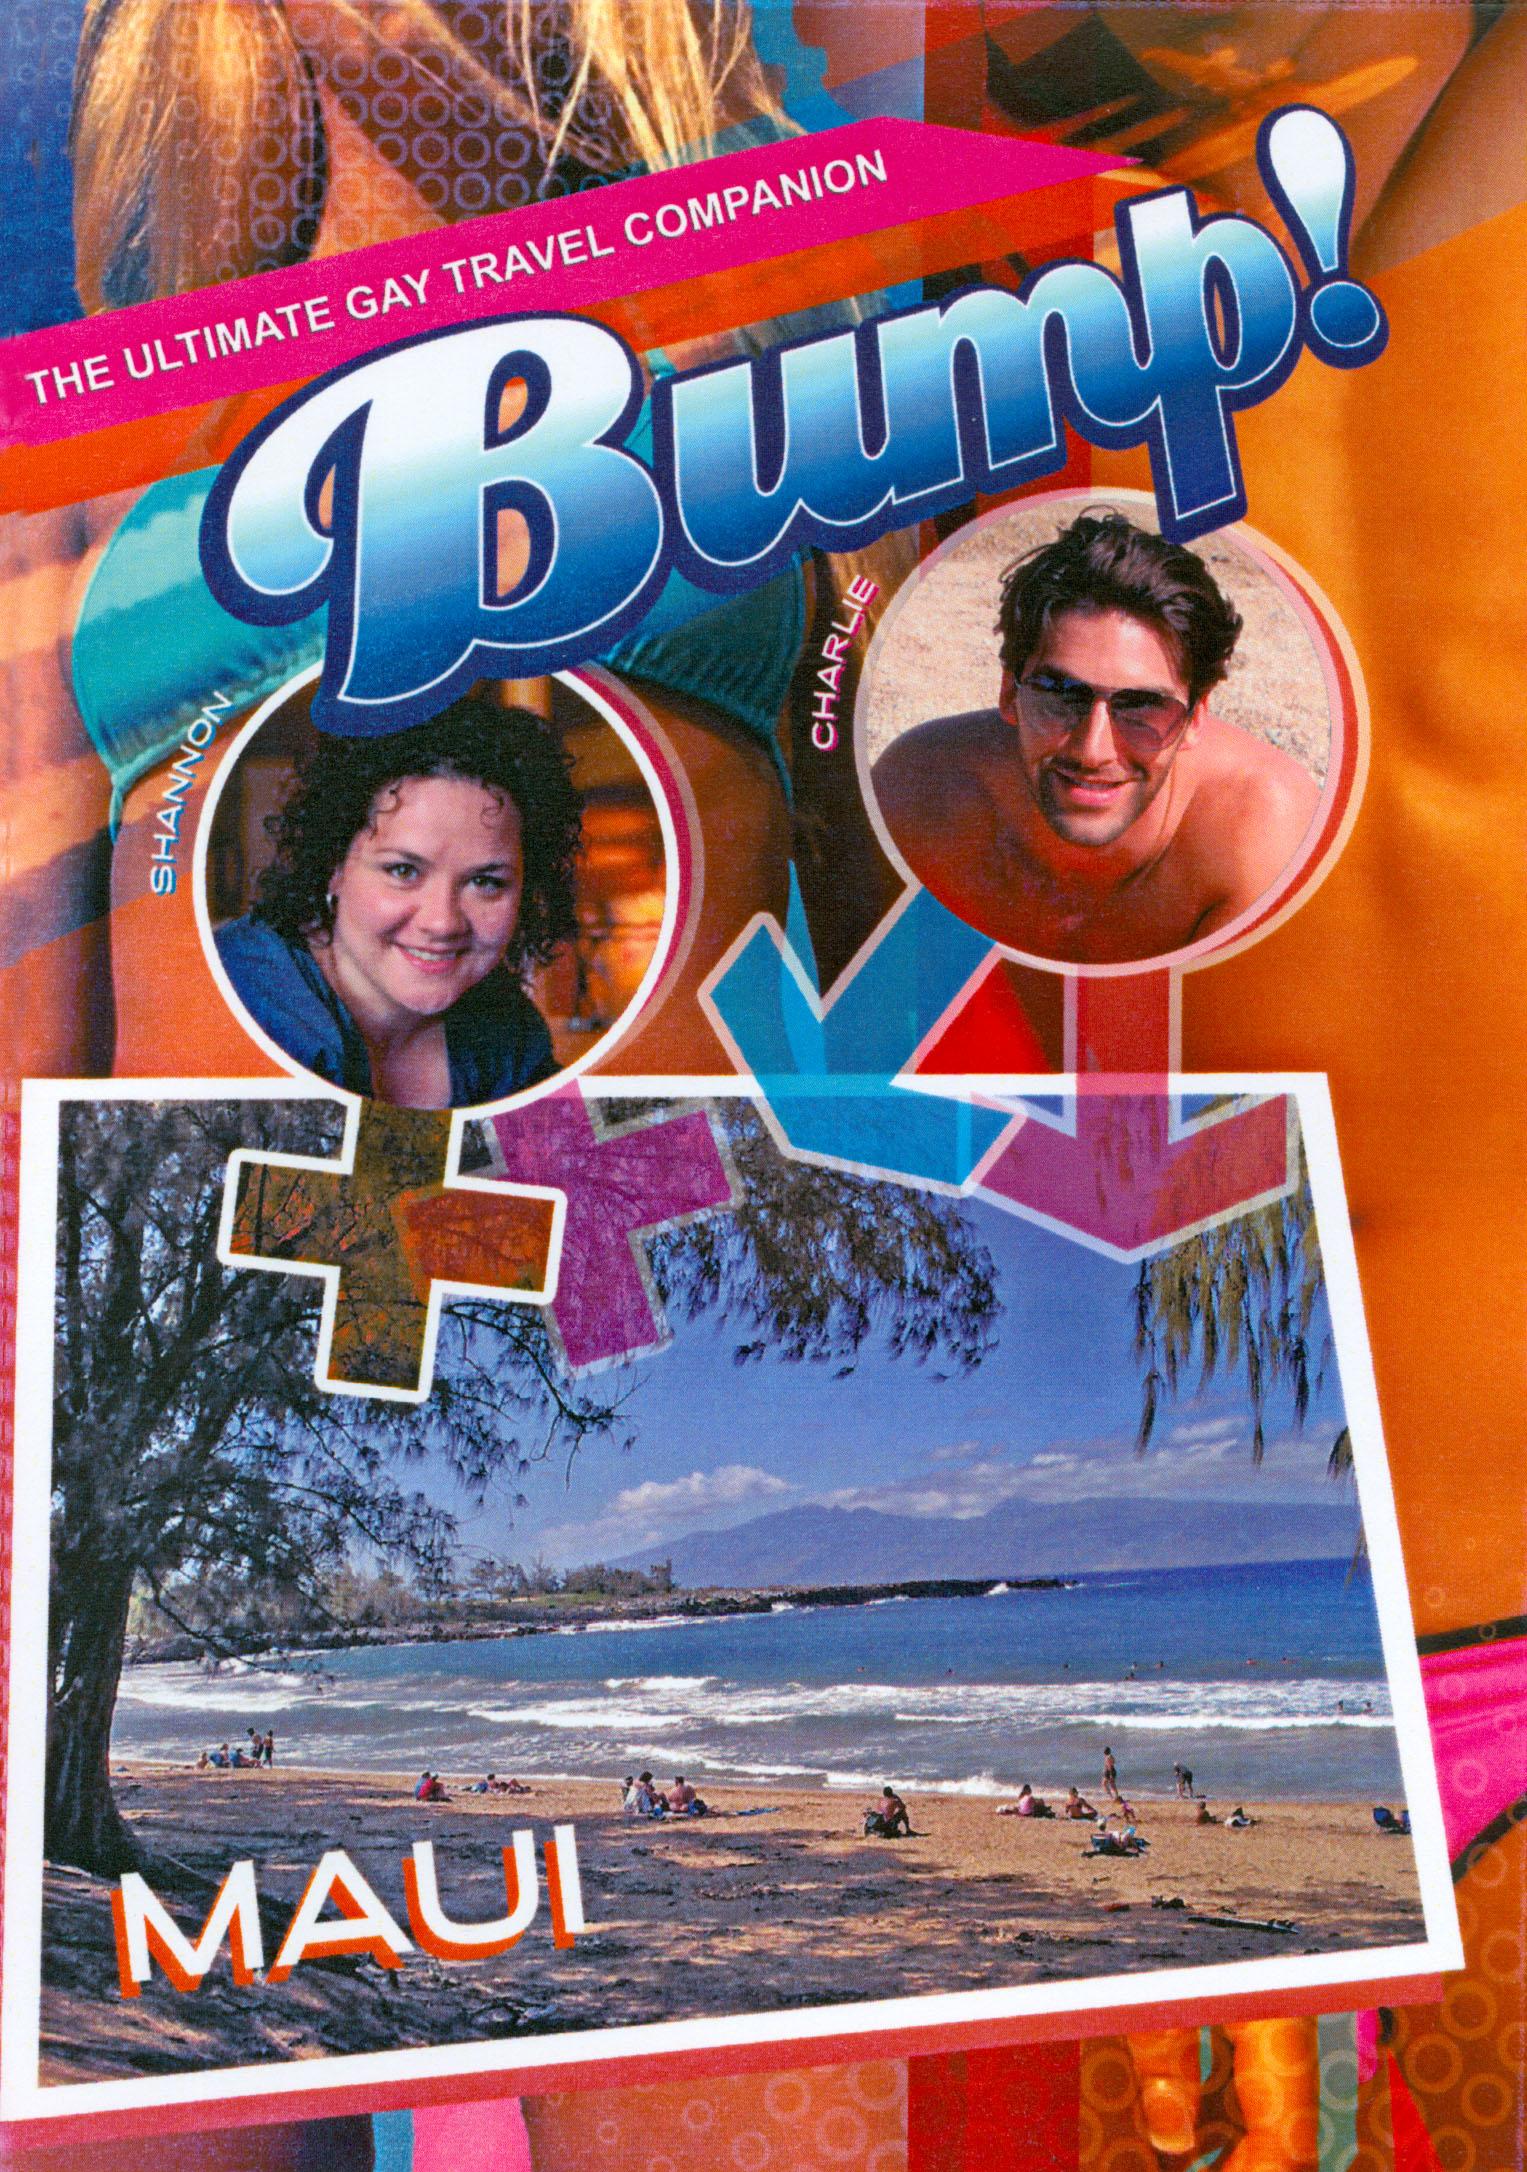 Bump!: Maui